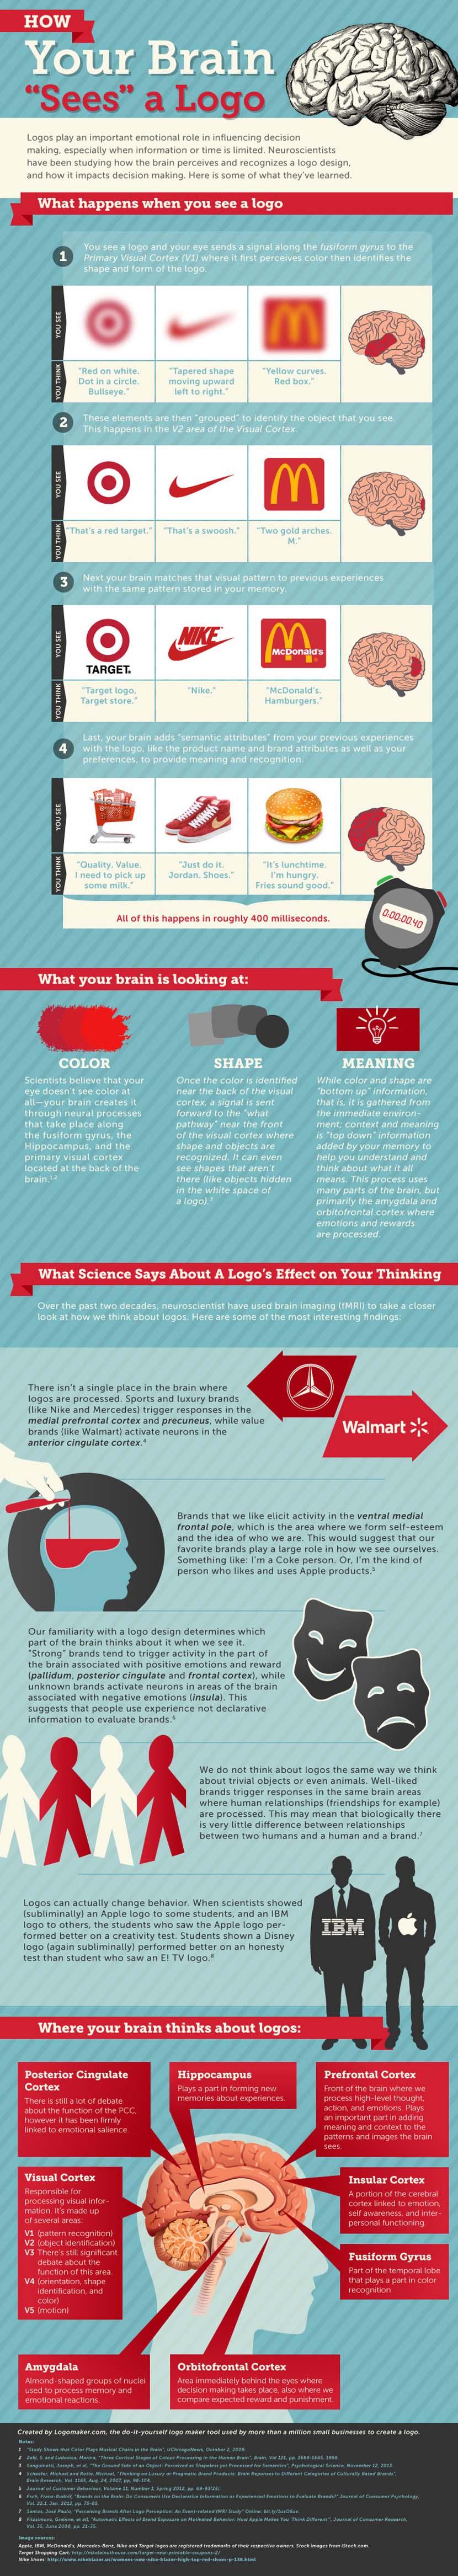 Cómo tu cerebro ve un logo